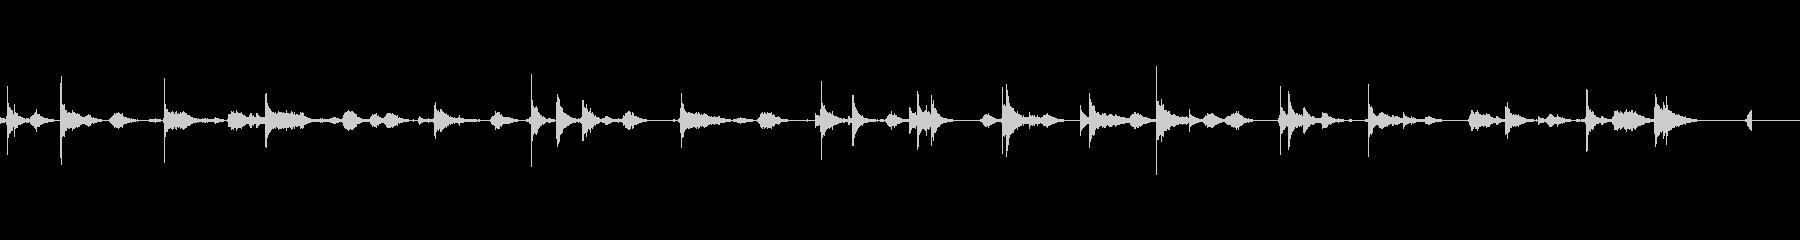 剣道試合-観客なし-道場-喉音の戦...の未再生の波形